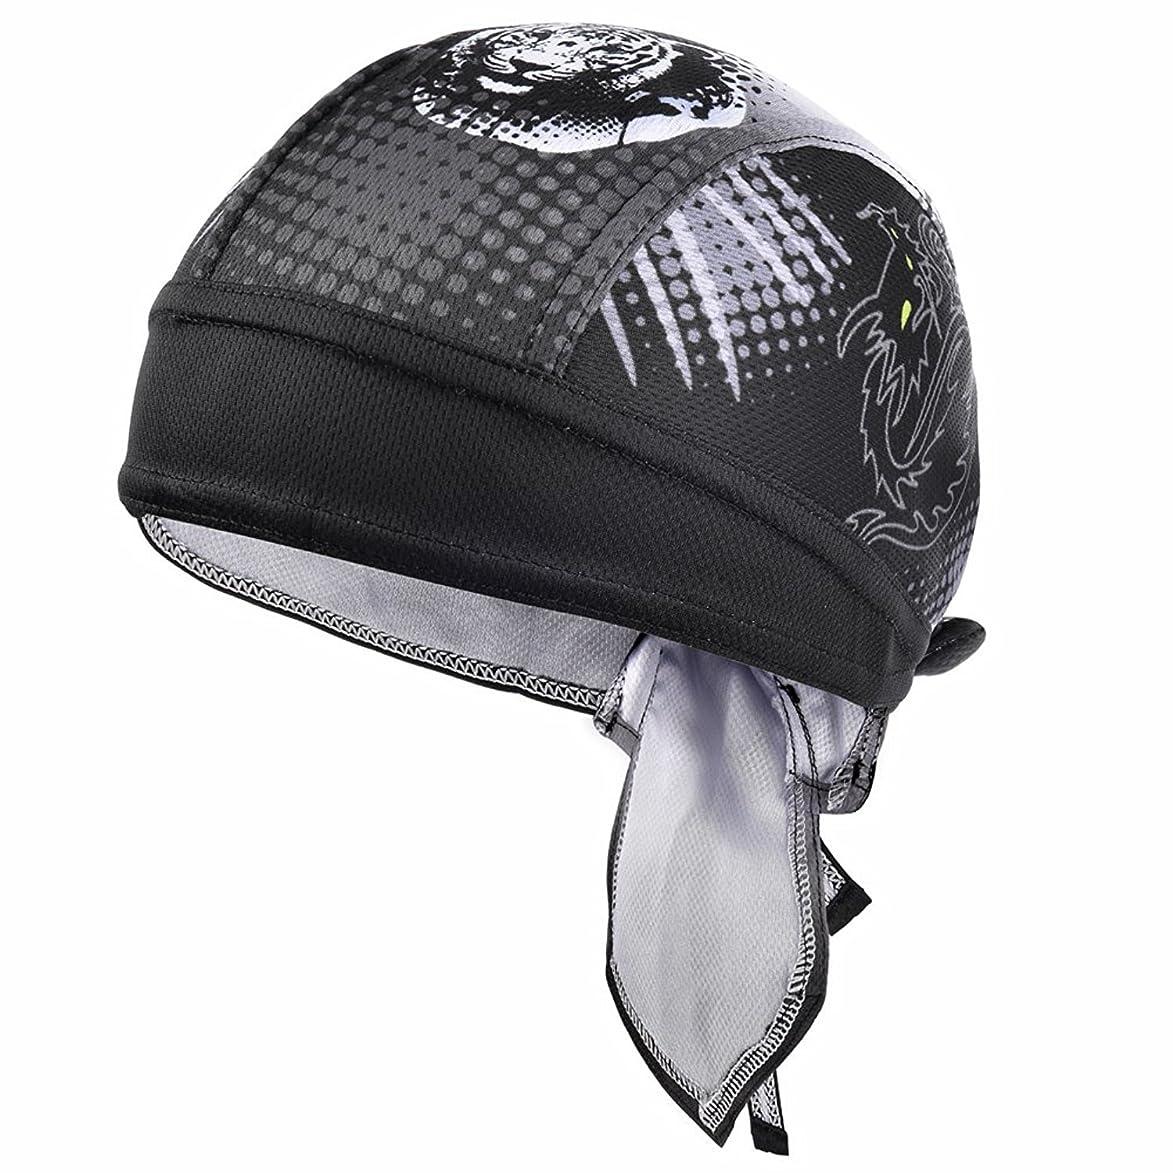 忠誠ヘルメットキャンペーンAbsorptive湿気汗発散Dew Rag Shortyビーニーヘルメットライナー冷却クイックドライ調整可能帽子ヘッドラップスカルキャップメンズレディースアウトドアスポーツサイクリング乗馬スキーMotorcyclingトレッキング